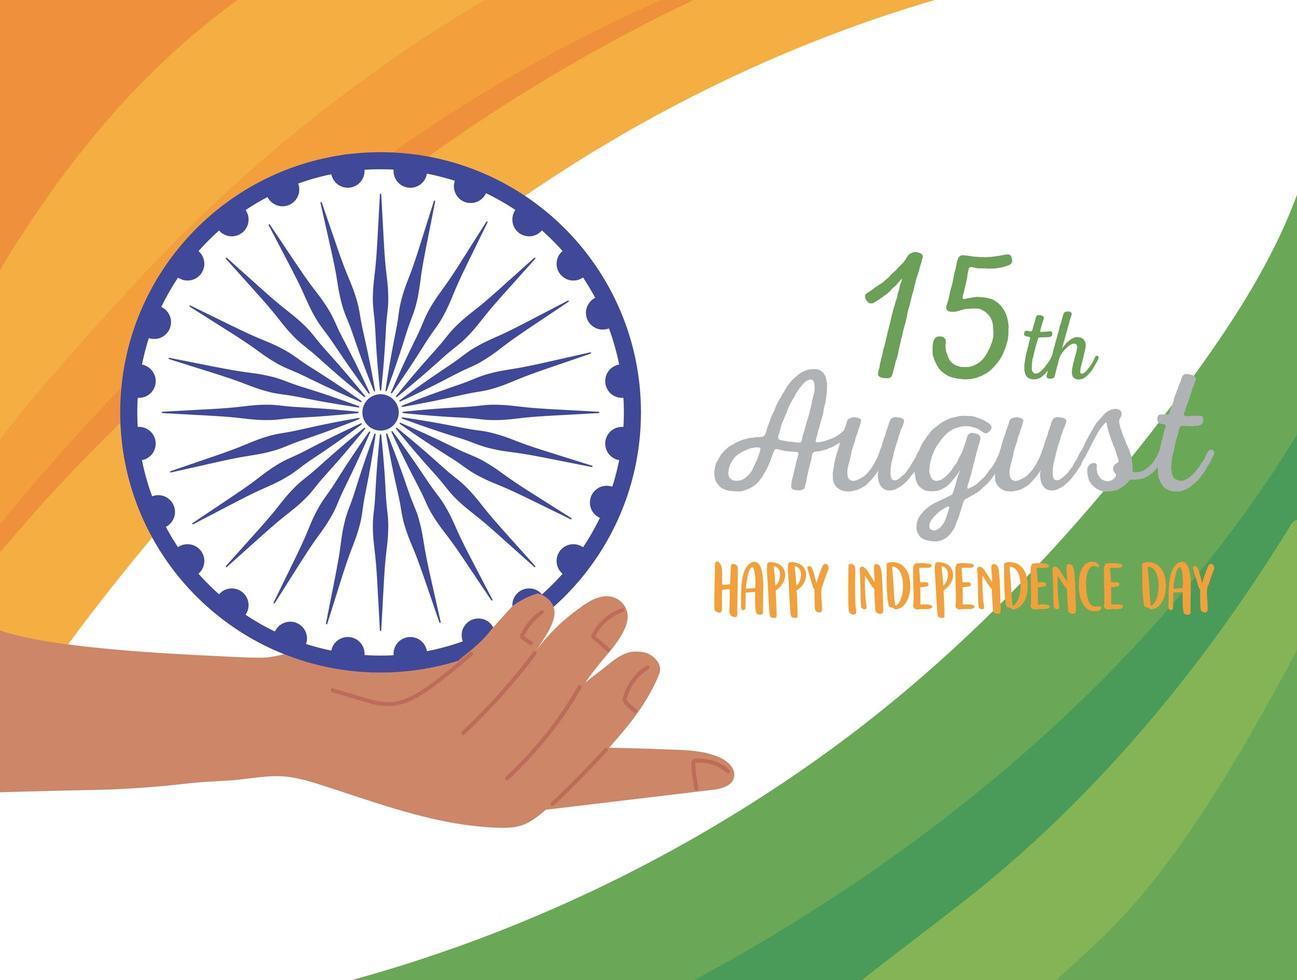 bonne fête de l'indépendance de l'inde avec roue ashoka vecteur